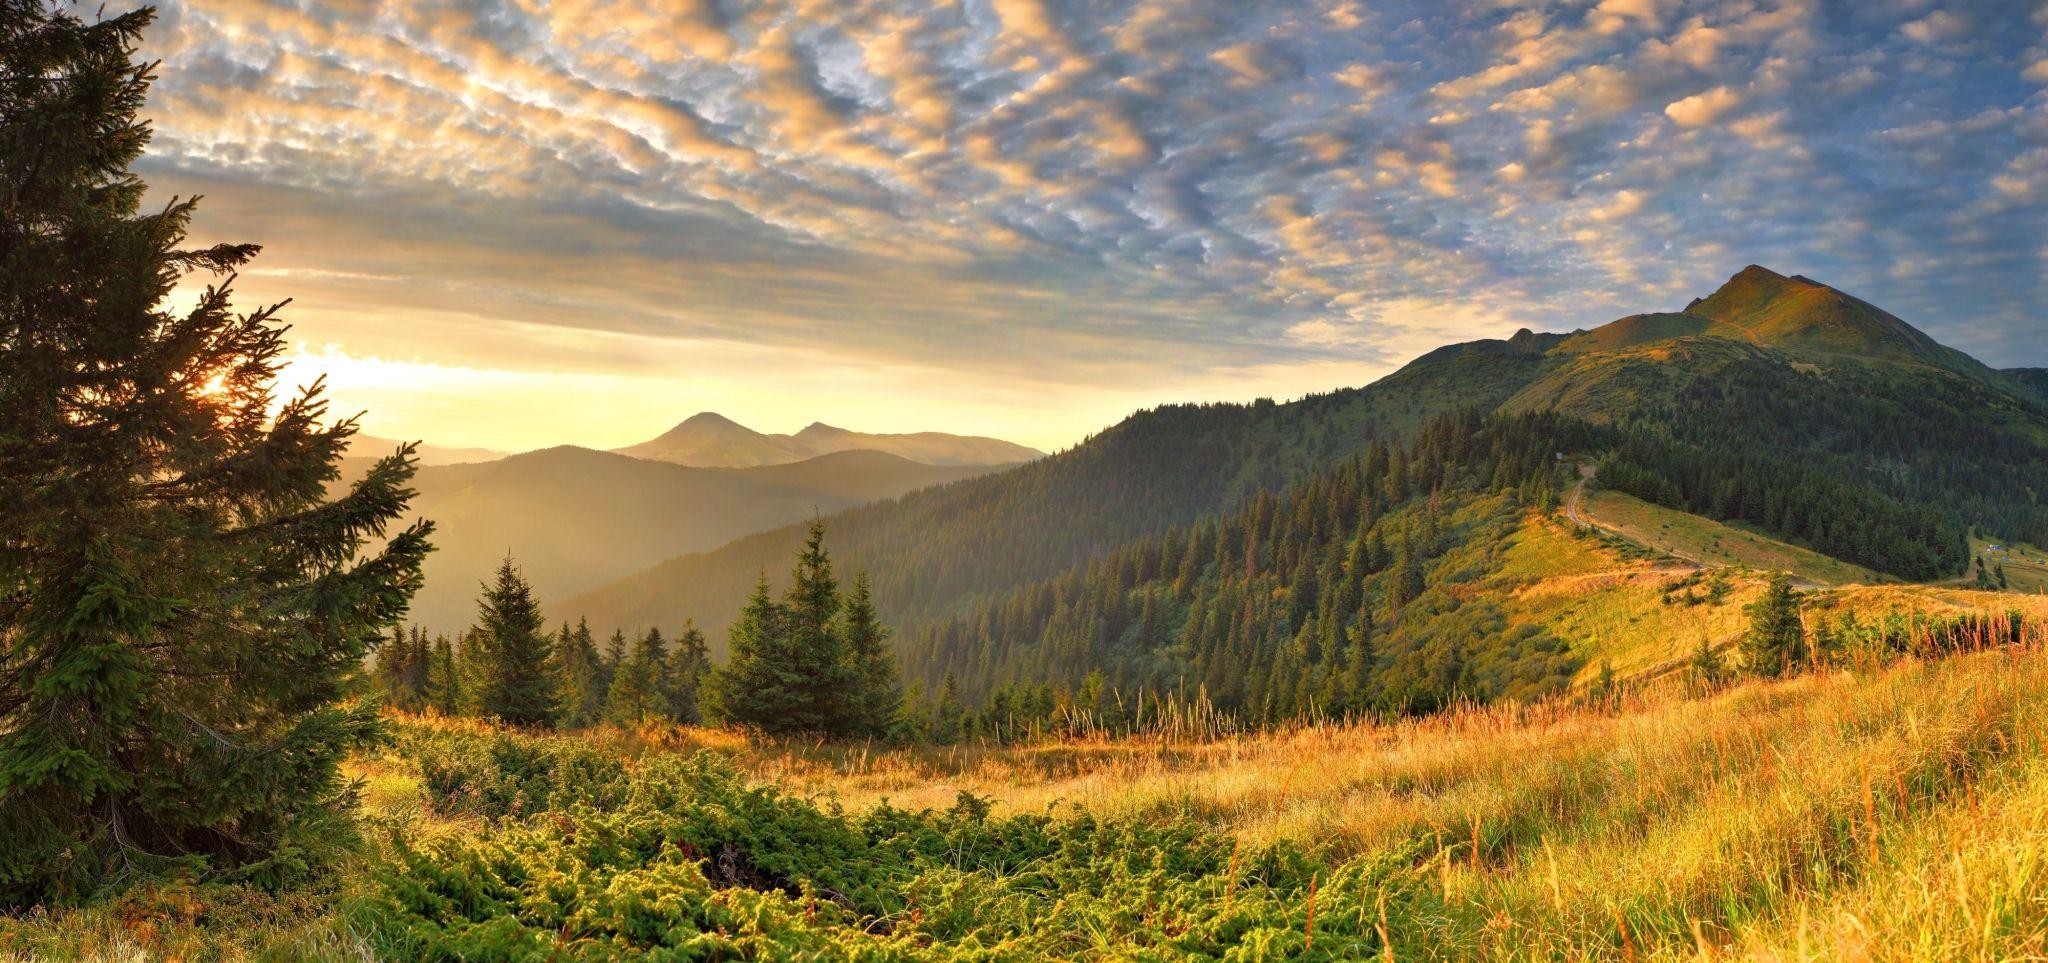 Landscape Images For Desktop Background Canvas Painting Landscape Landscape Background Landscape